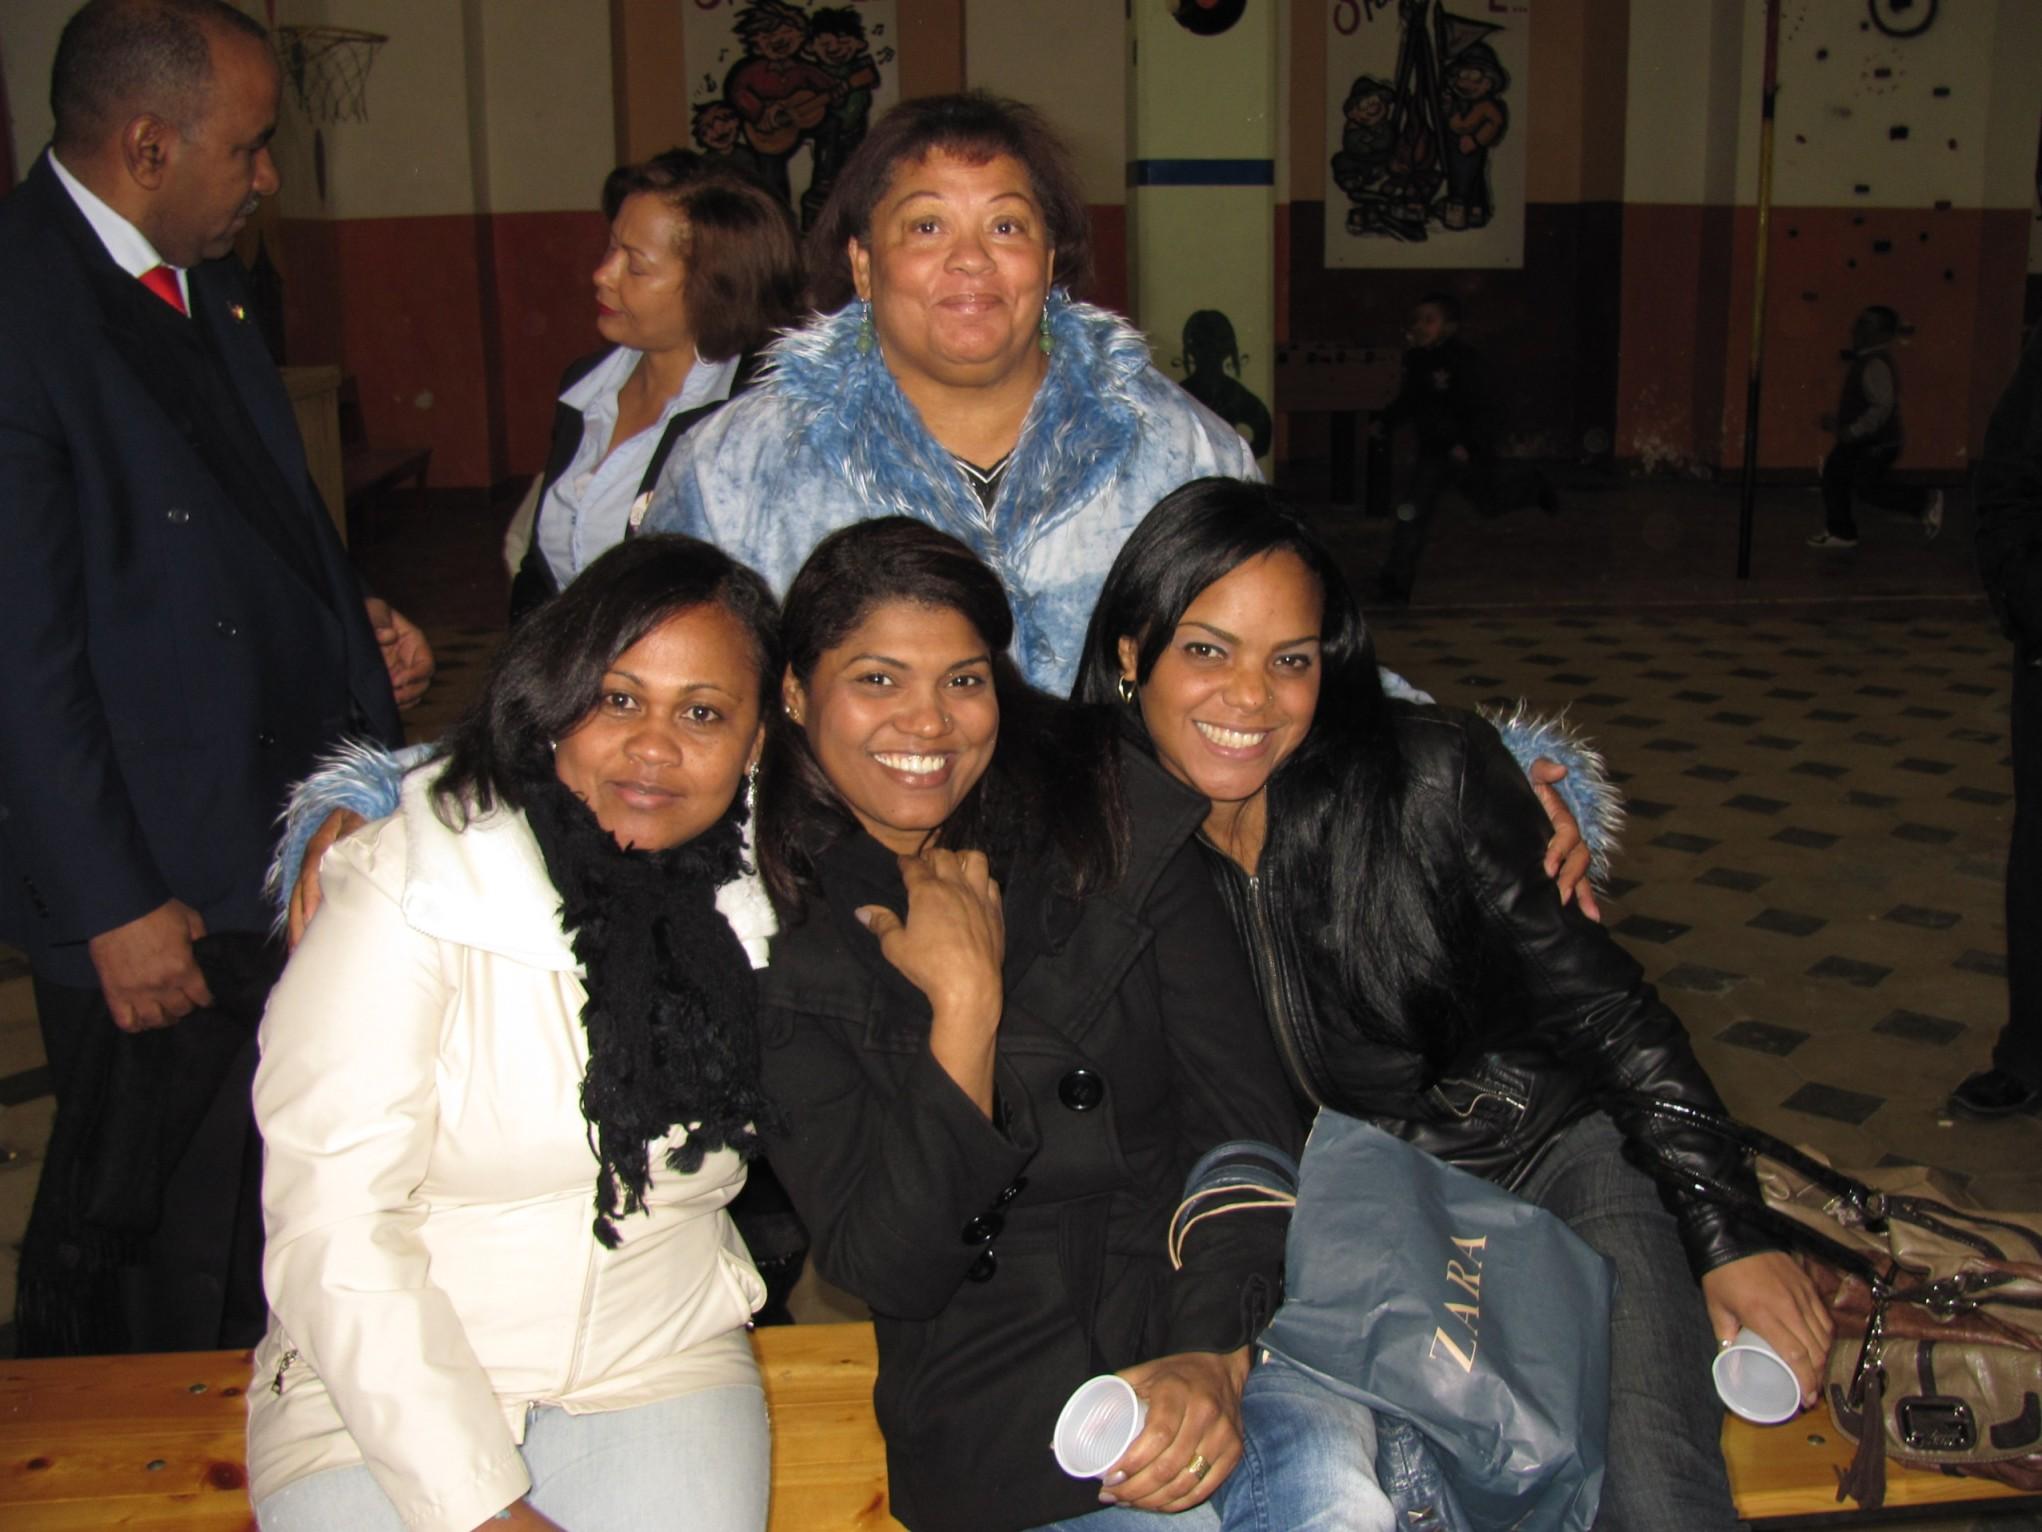 dominicani_indipendenza_2012-02-26-18-50-52